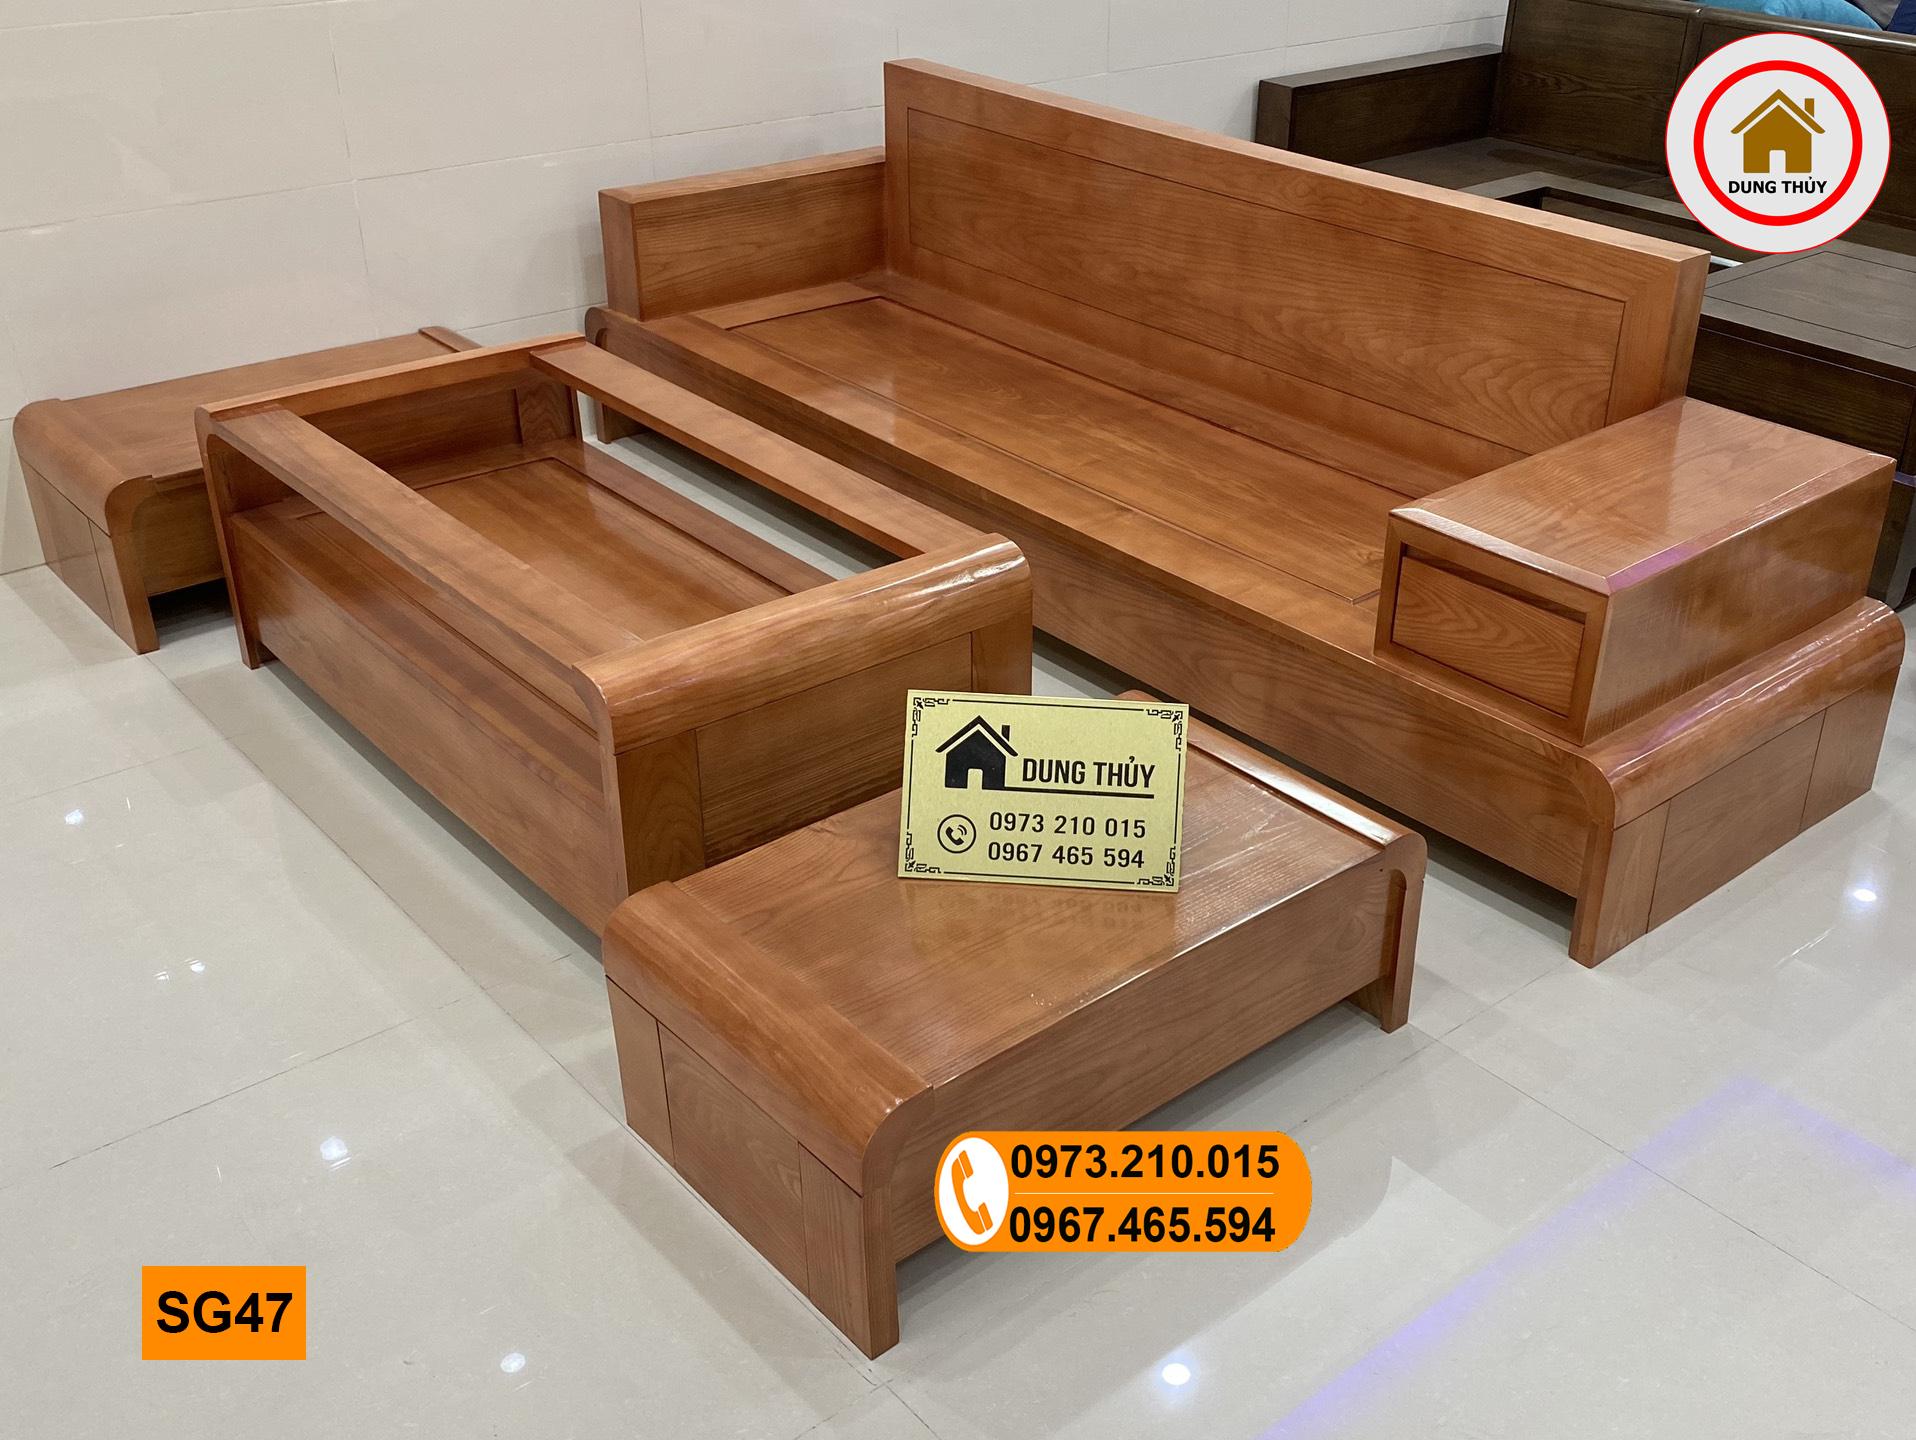 sofa chân cuốn gỗ sồi Nga màu xoan đào SG47